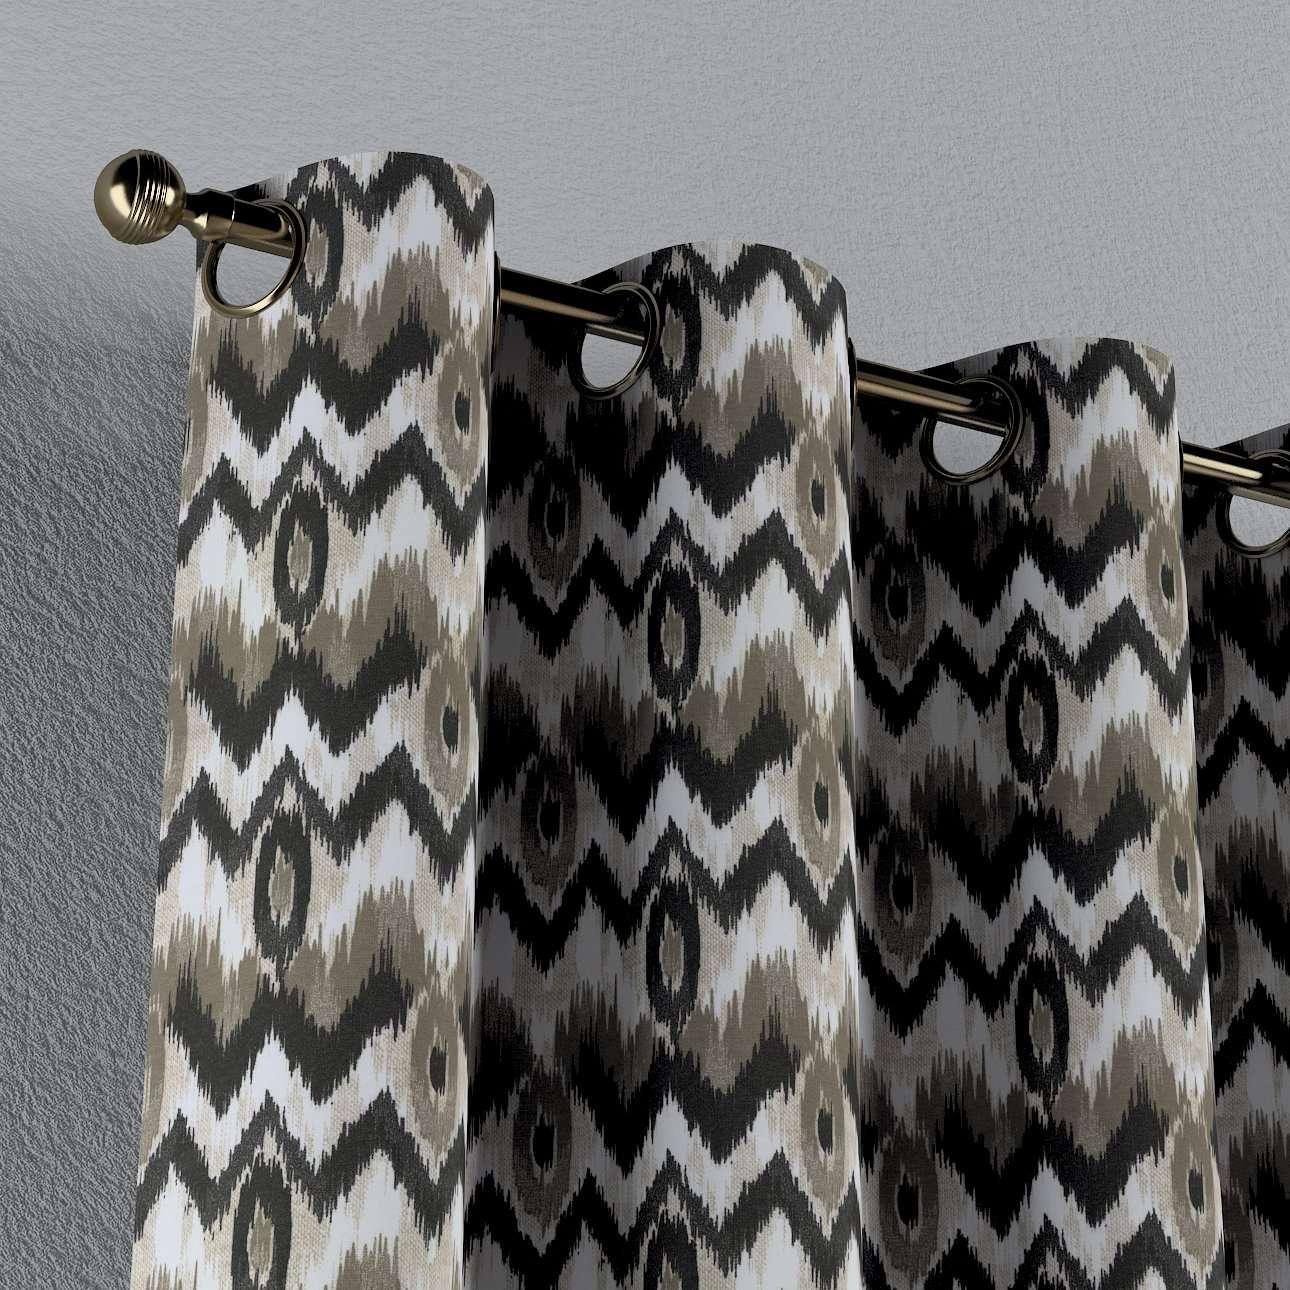 Závěs na kroužcích v kolekci Modern, látka: 141-88